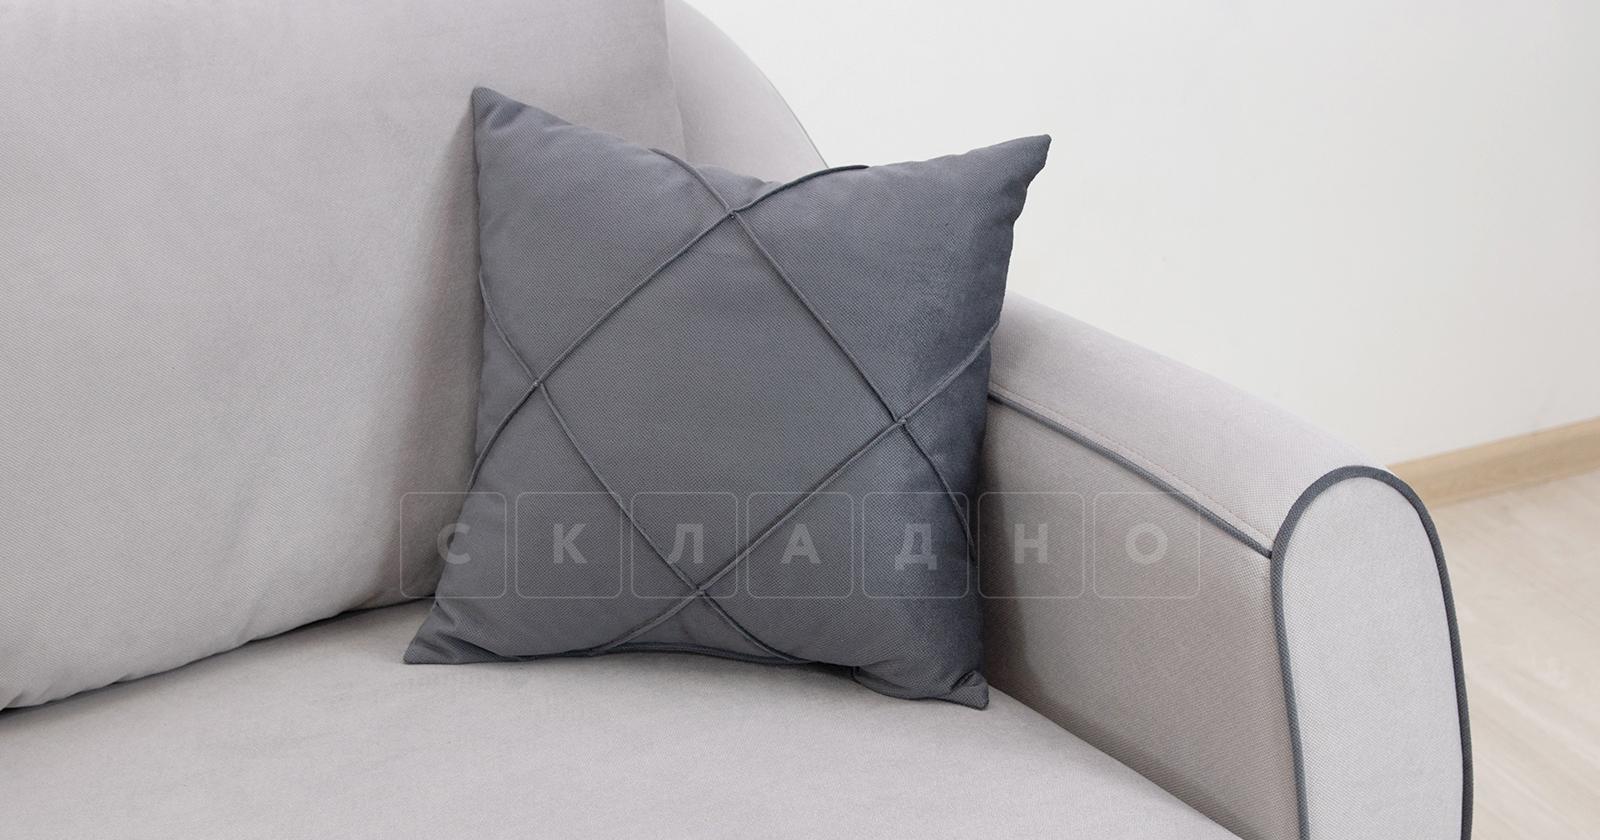 Диван-кровать Флэтфорд светло-серый фото 8 | интернет-магазин Складно